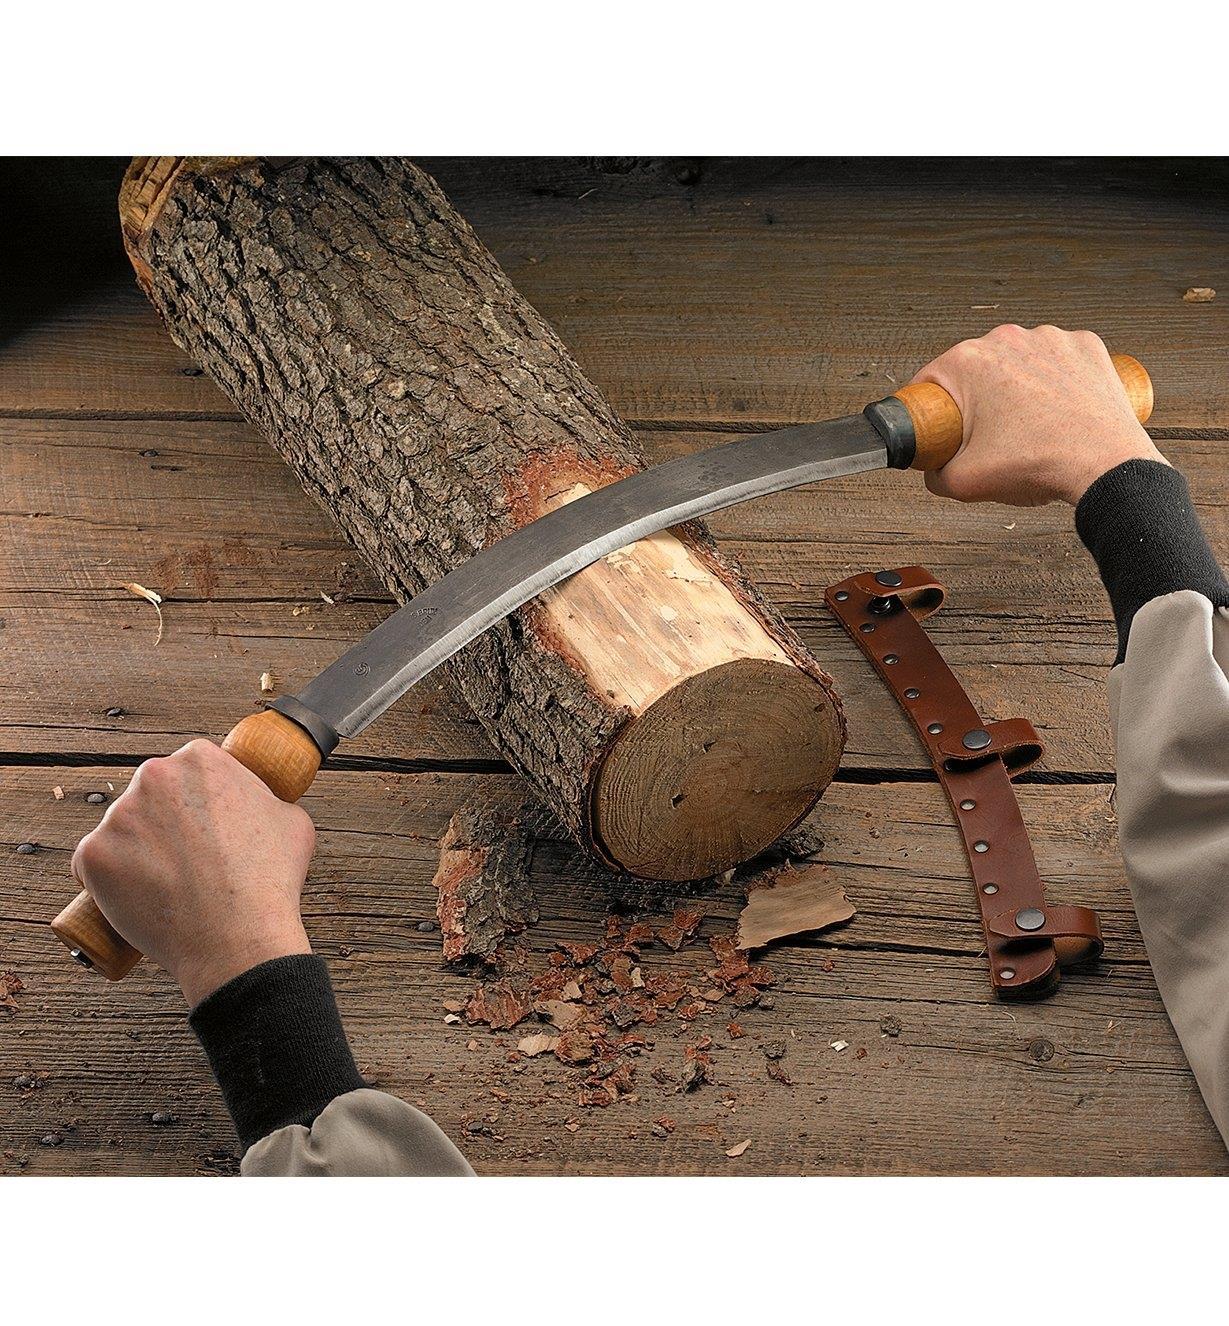 48U0565 - Gränsfors Drawknife